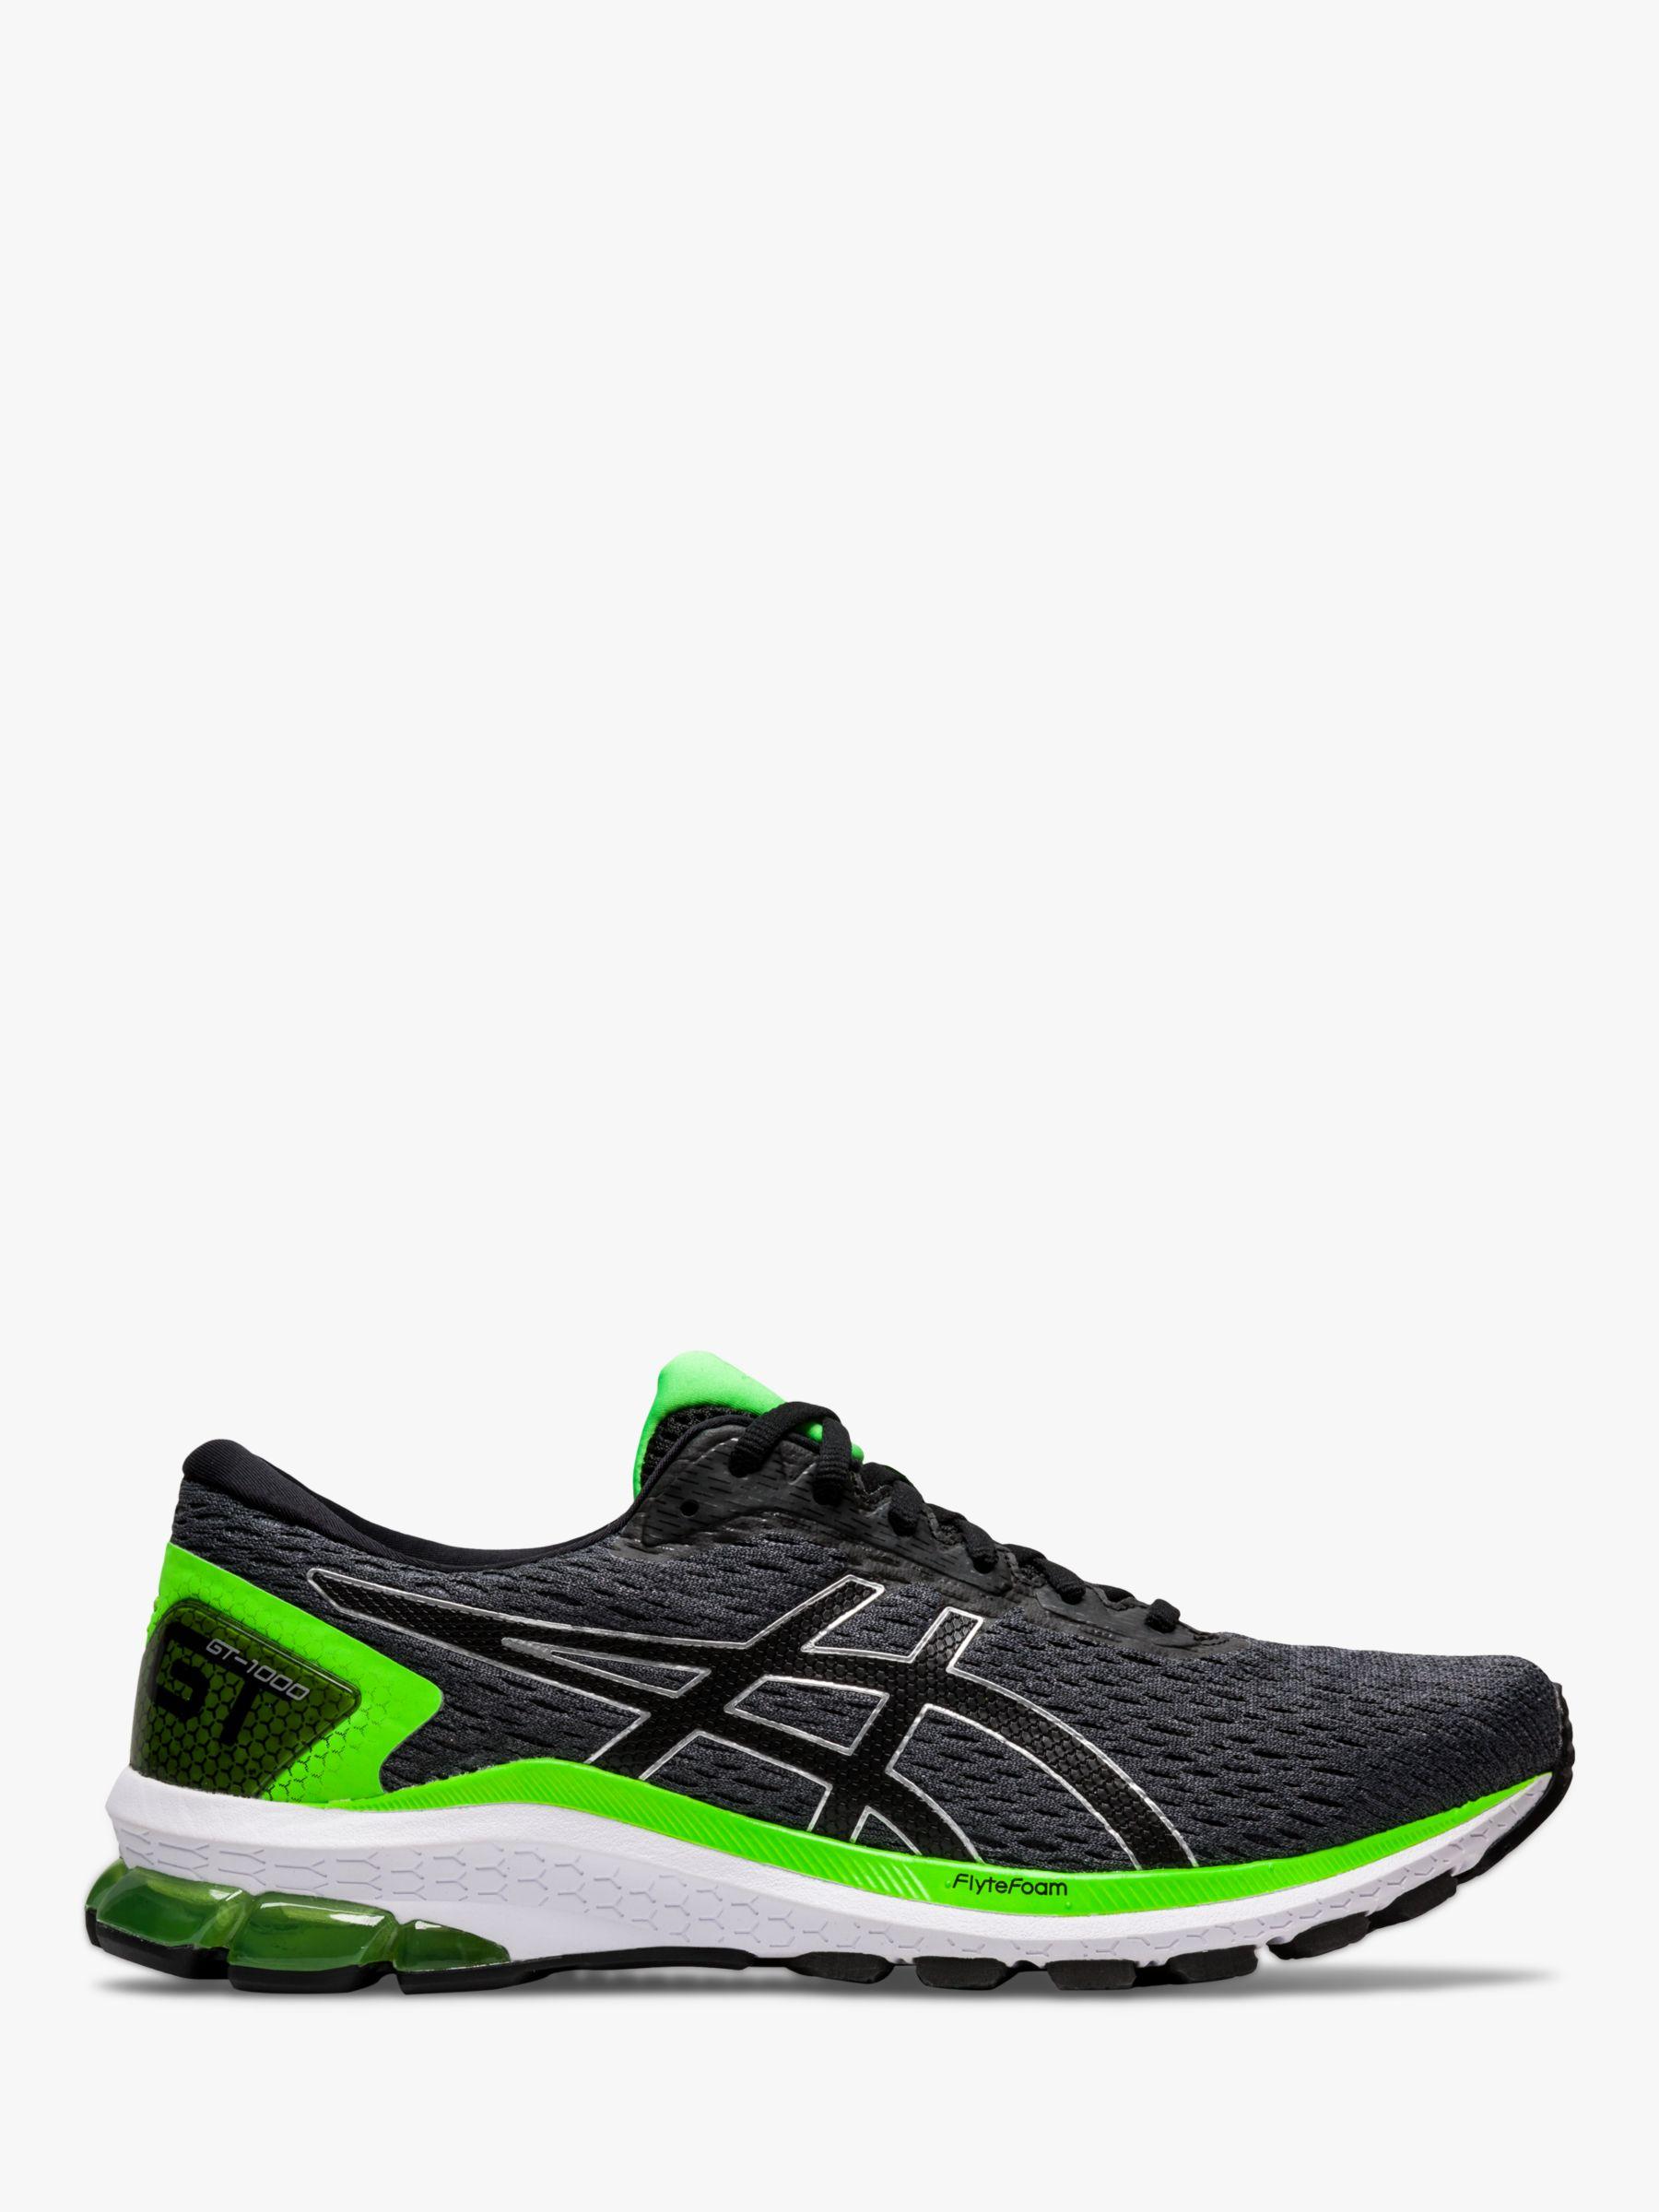 ASICS ASICS GT-1000 9 Men's Running Shoes